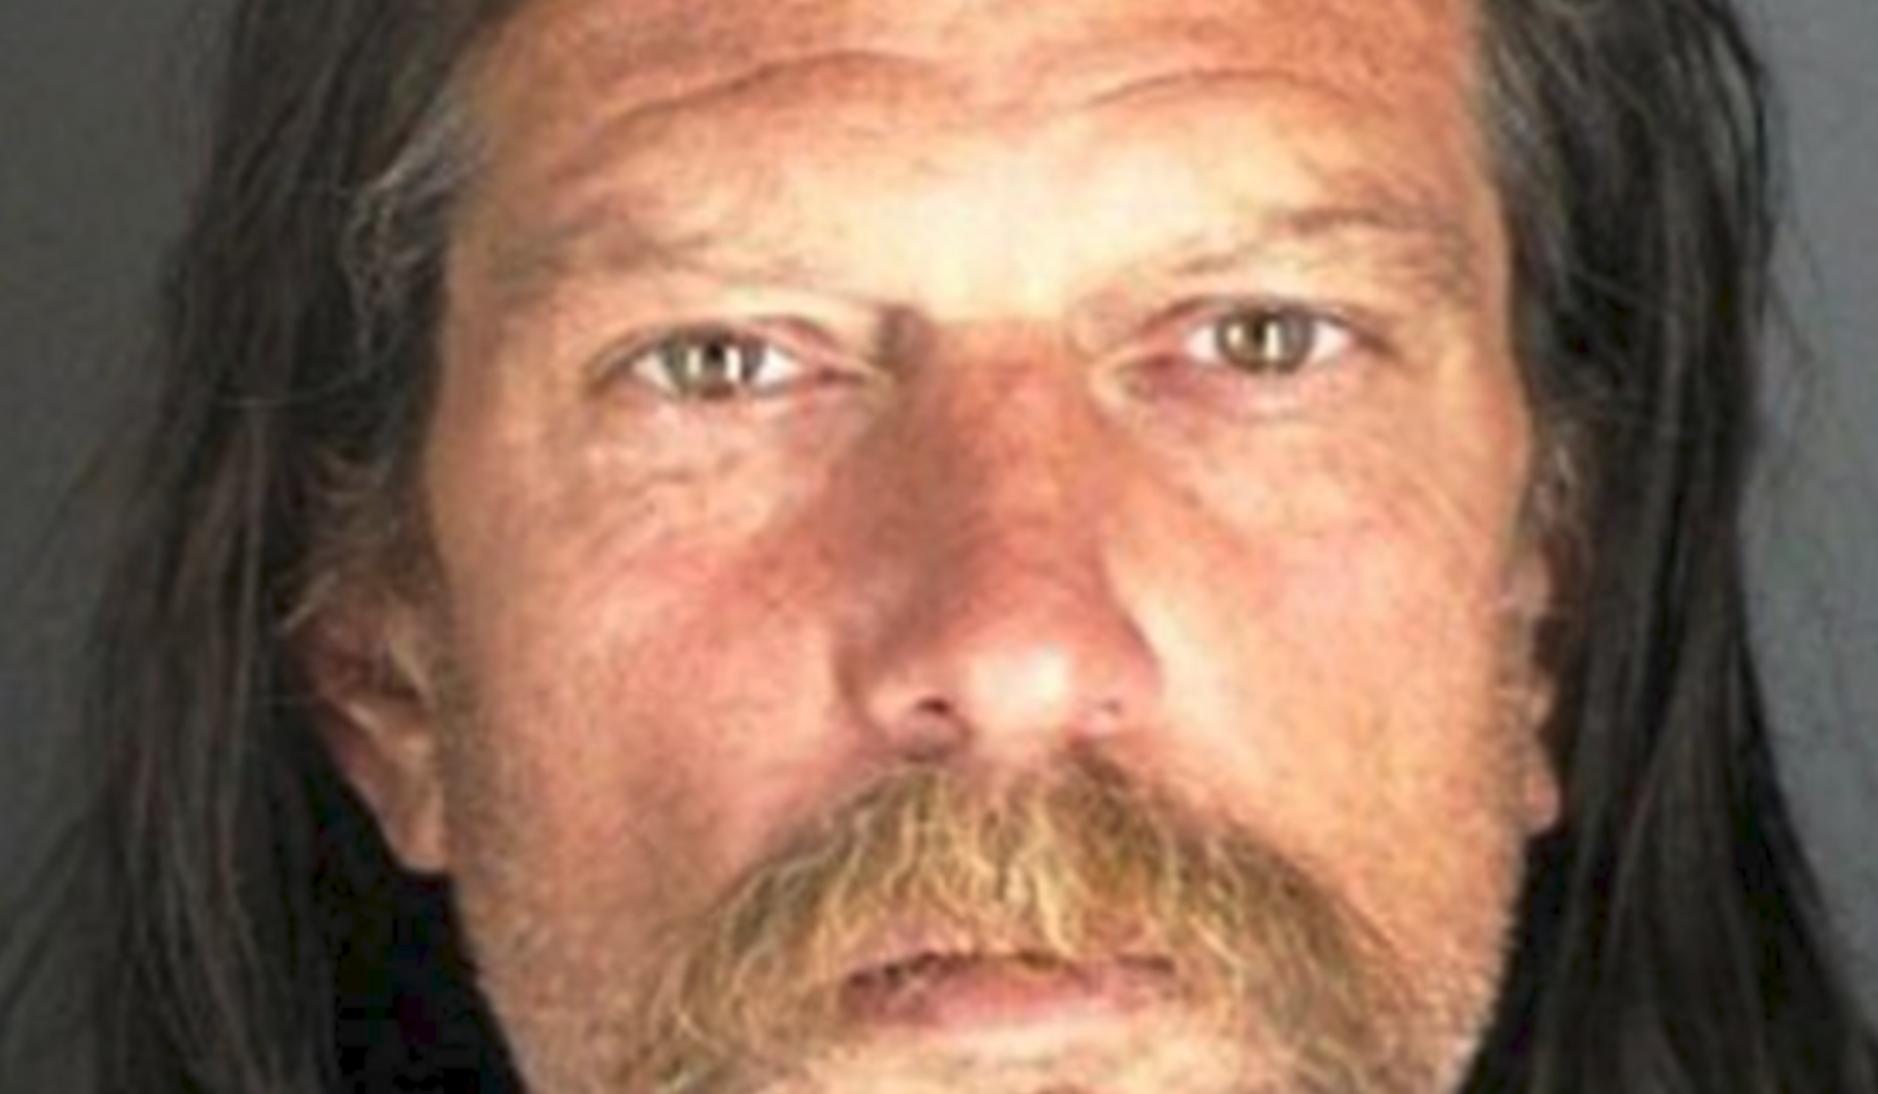 פדופיל שהורשע מודה לכאורה ברצח ג'ון בנט רמזי, אך המשטרה נראית לא משוכנעת